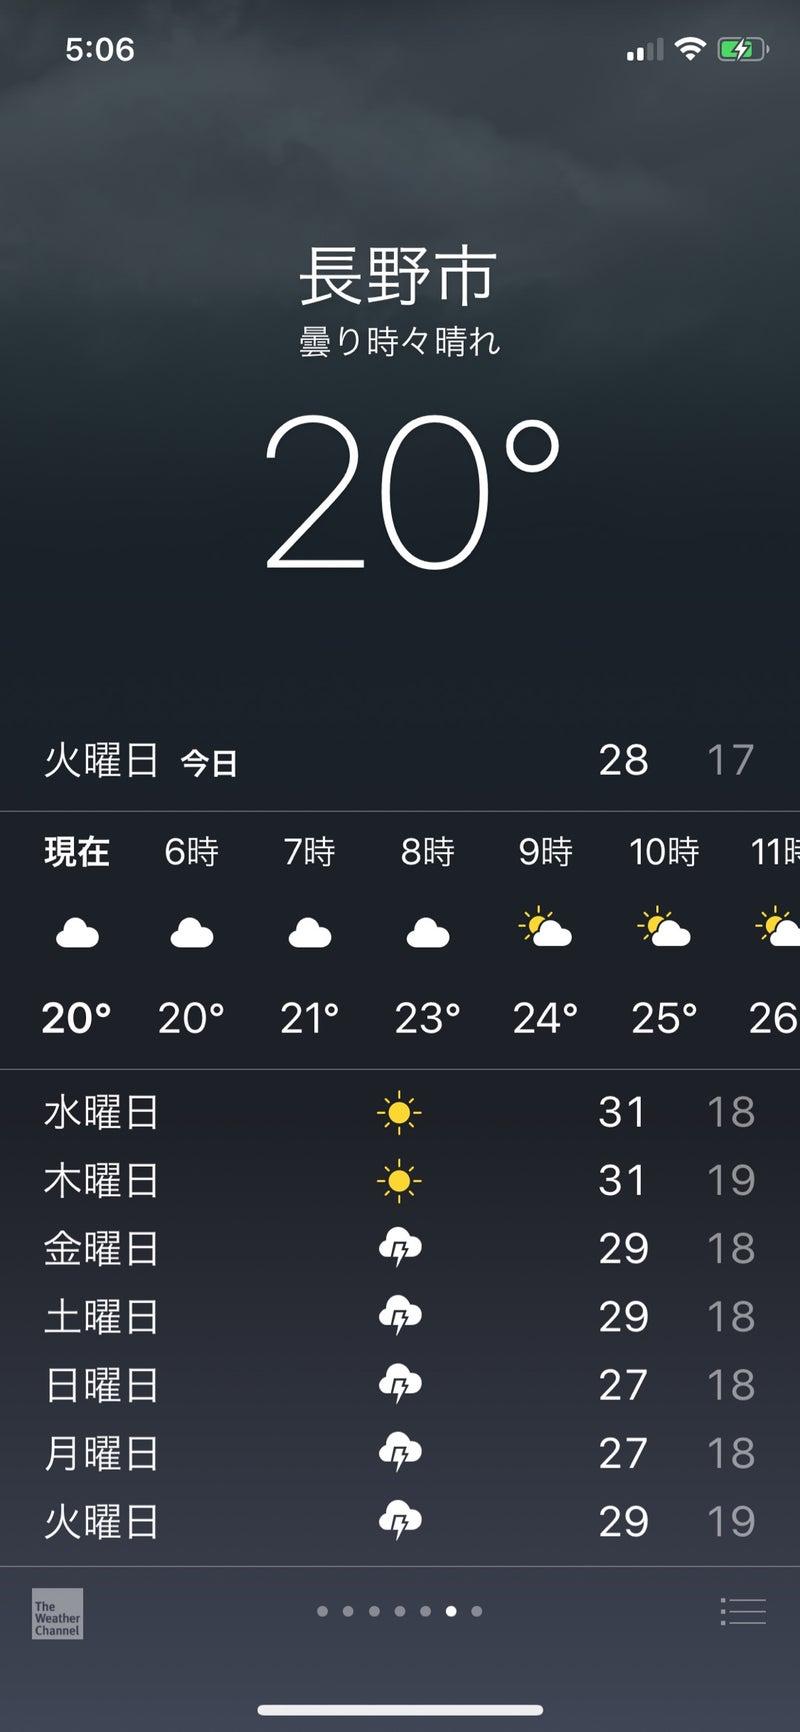 戸隠 天気 予報